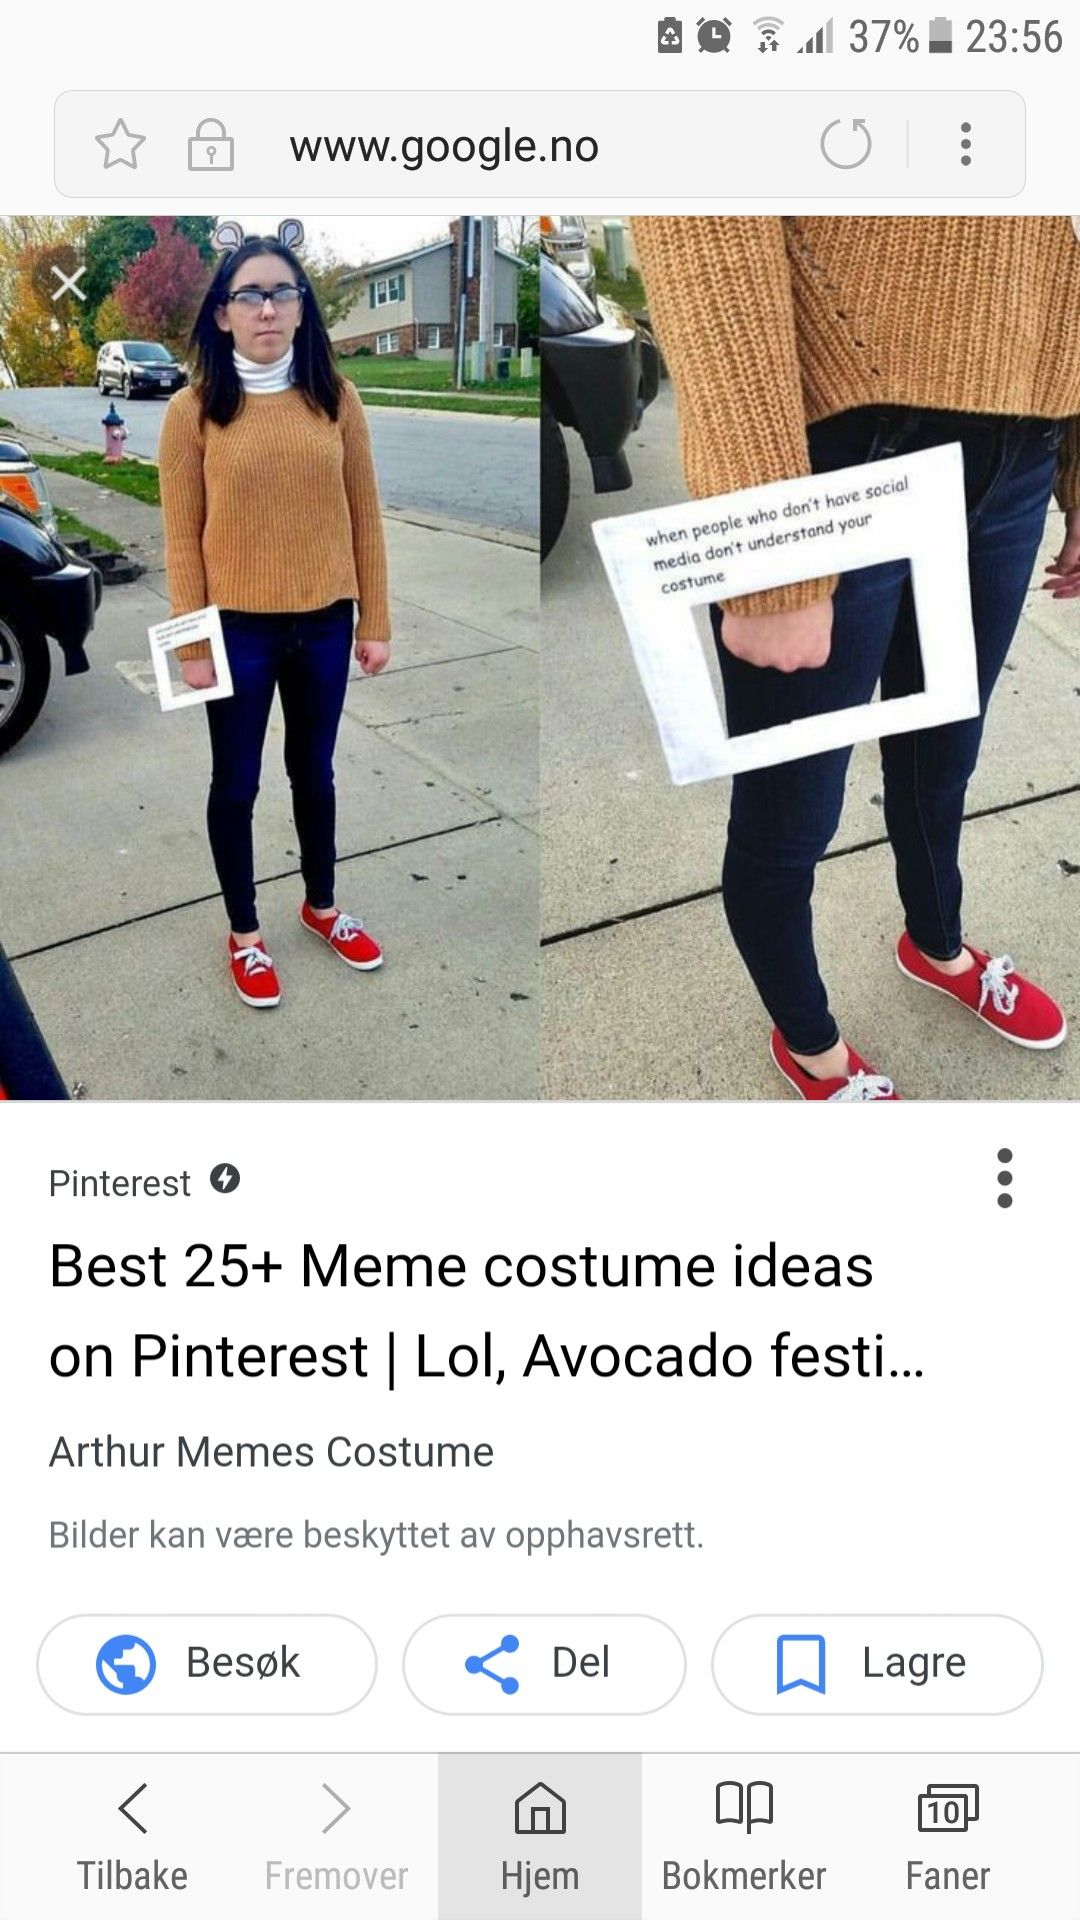 Meme Costume Meme Costume Halloween Costume Meme Nerd Halloween Costumes